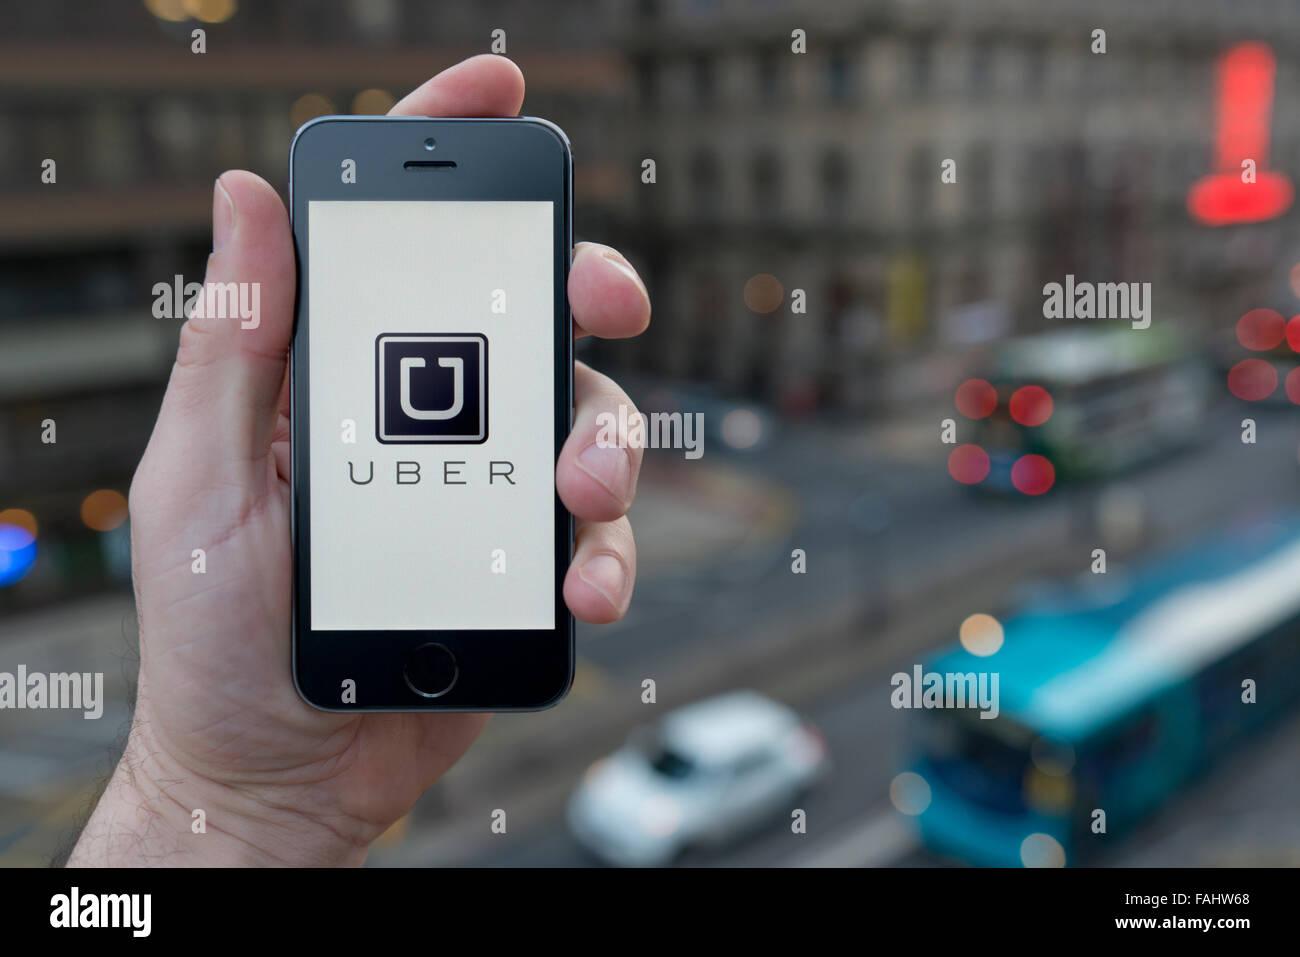 Un hombre usa el taxi Uber aplicación smartphone mientras estaba en un edificio alto con vistas a una concurrida Imagen De Stock